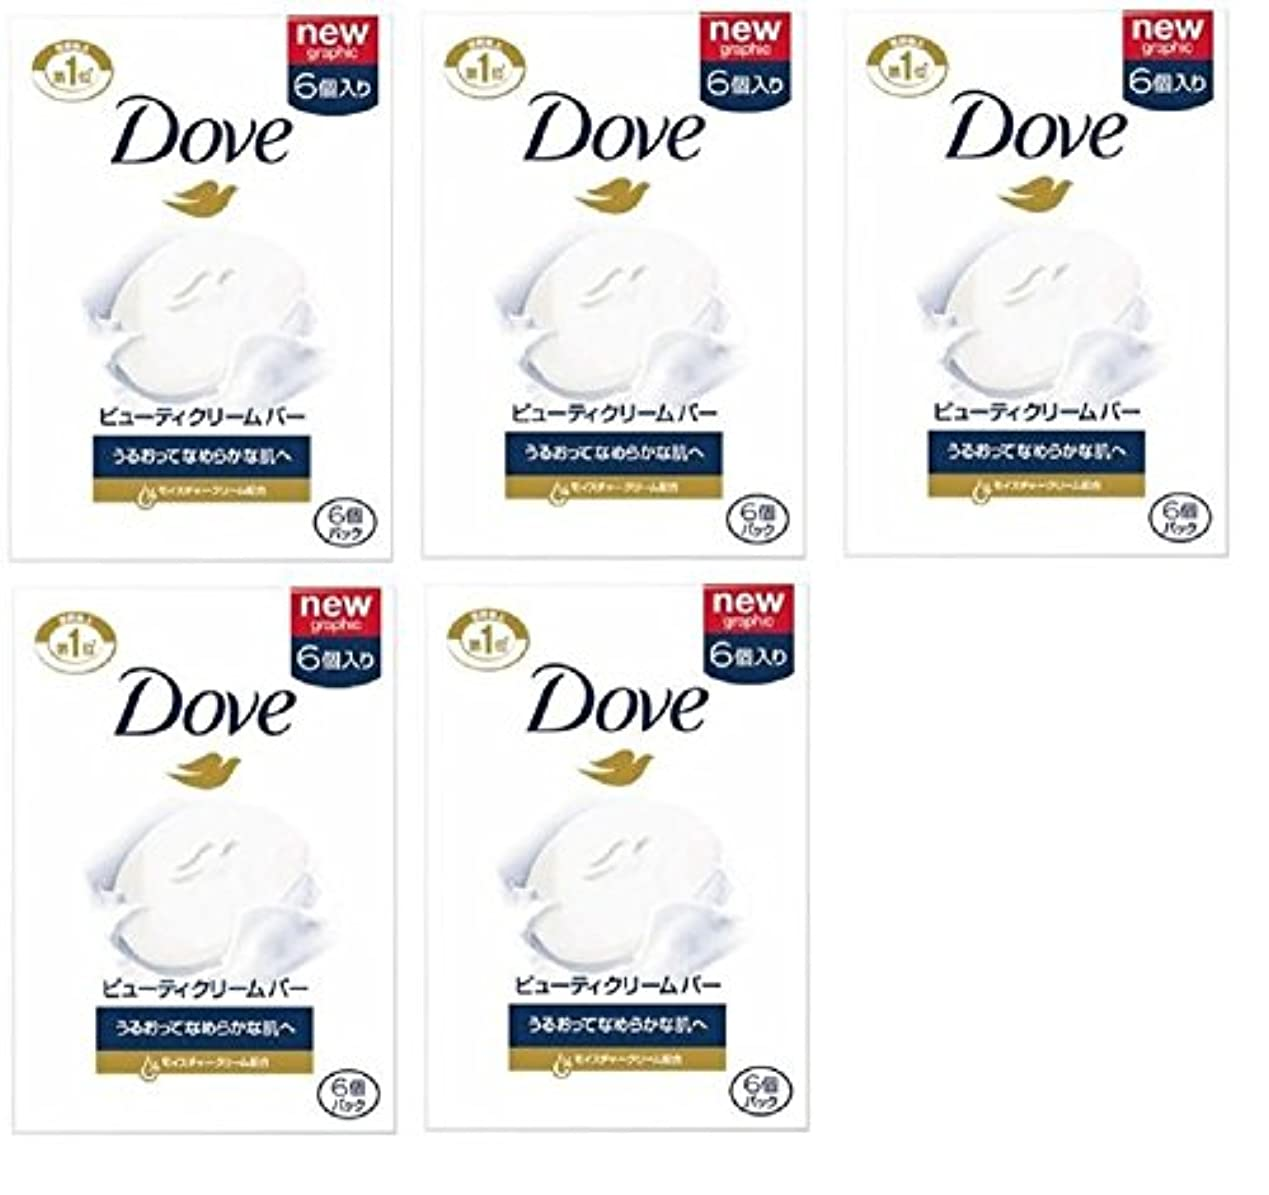 インシュレータ宇宙栄光【まとめ買い】Dove ダヴ ビューティクリームバーホワイト 95g×6個パック ×5個